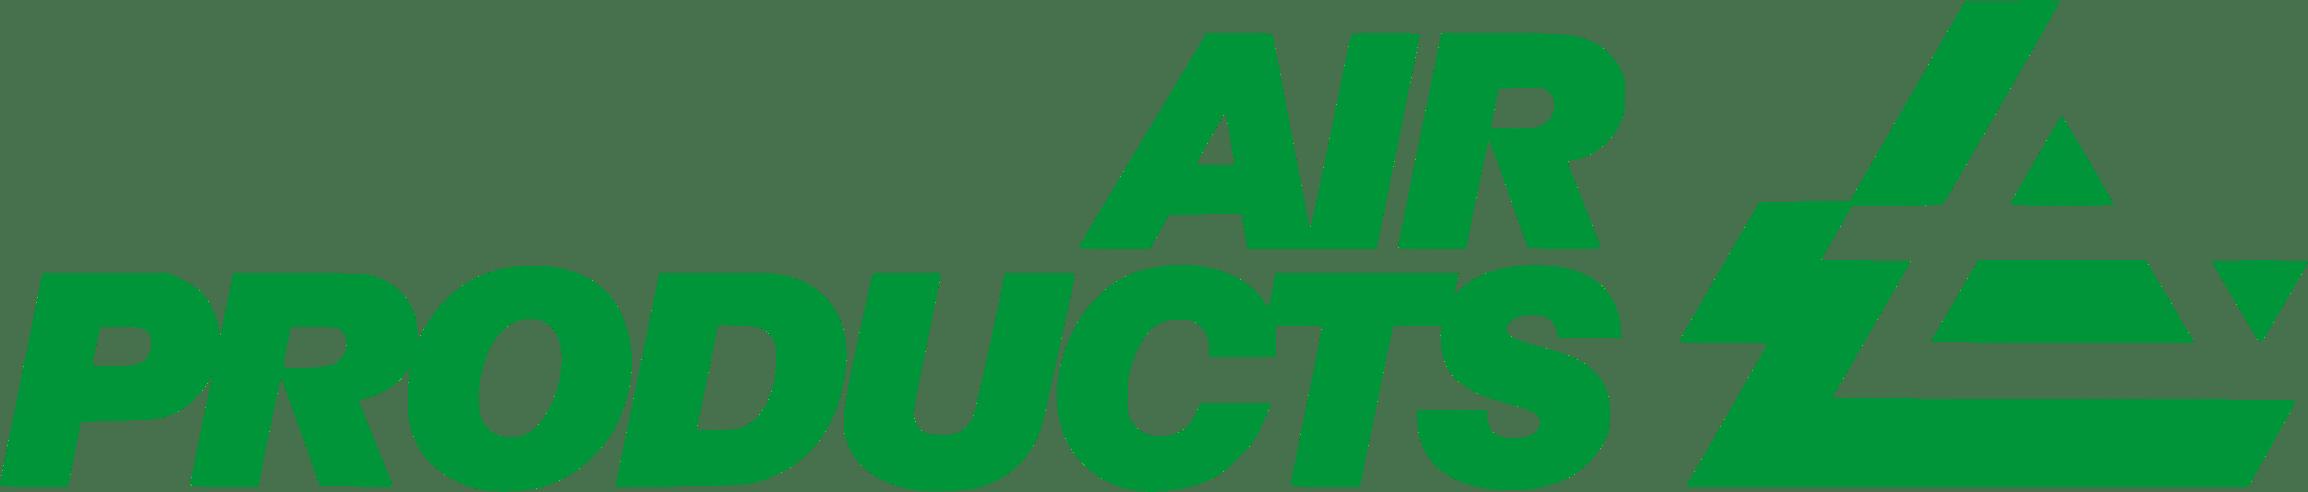 Air Products cfmair